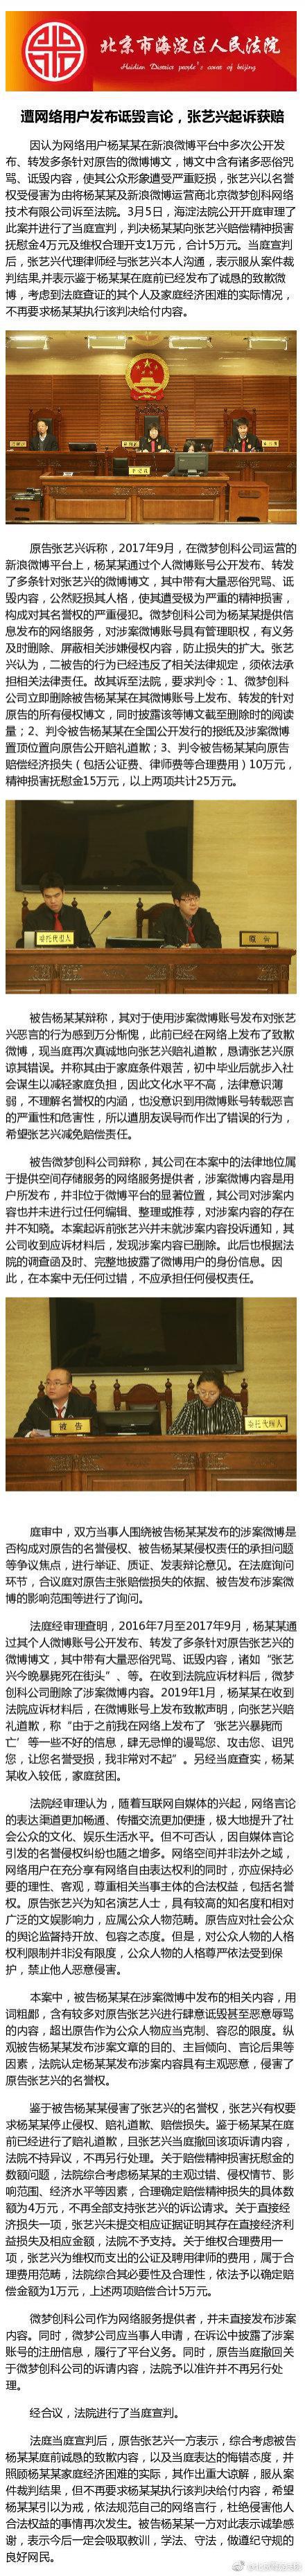 张艺兴名誉权案胜诉事件始末 张艺兴为什么不要求被告给赔偿